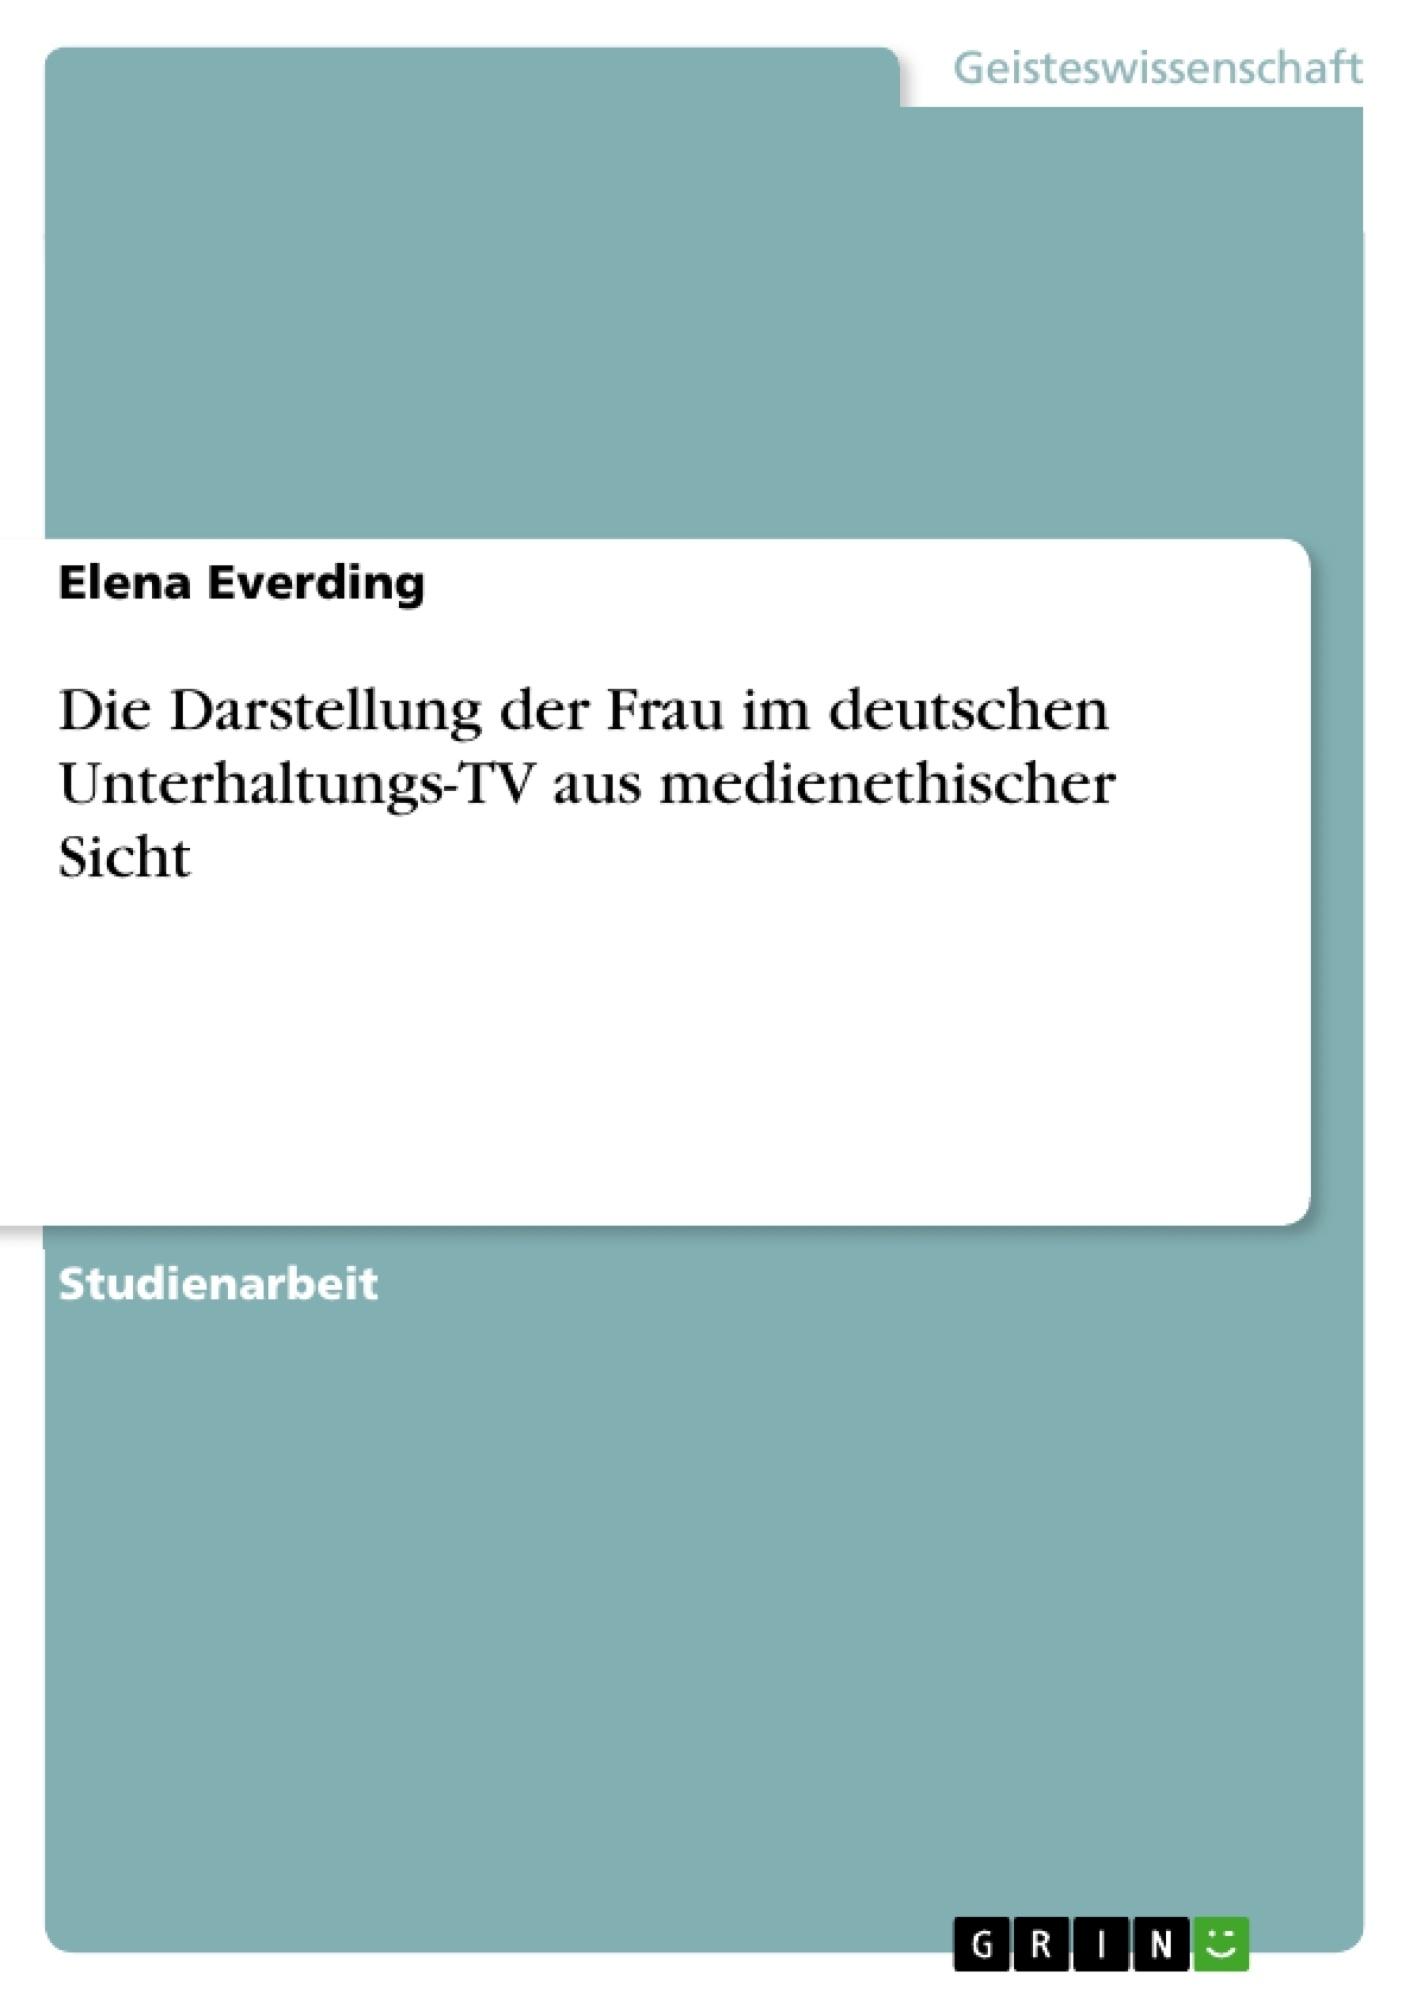 Titel: Die Darstellung der Frau im deutschen Unterhaltungs-TV aus medienethischer Sicht